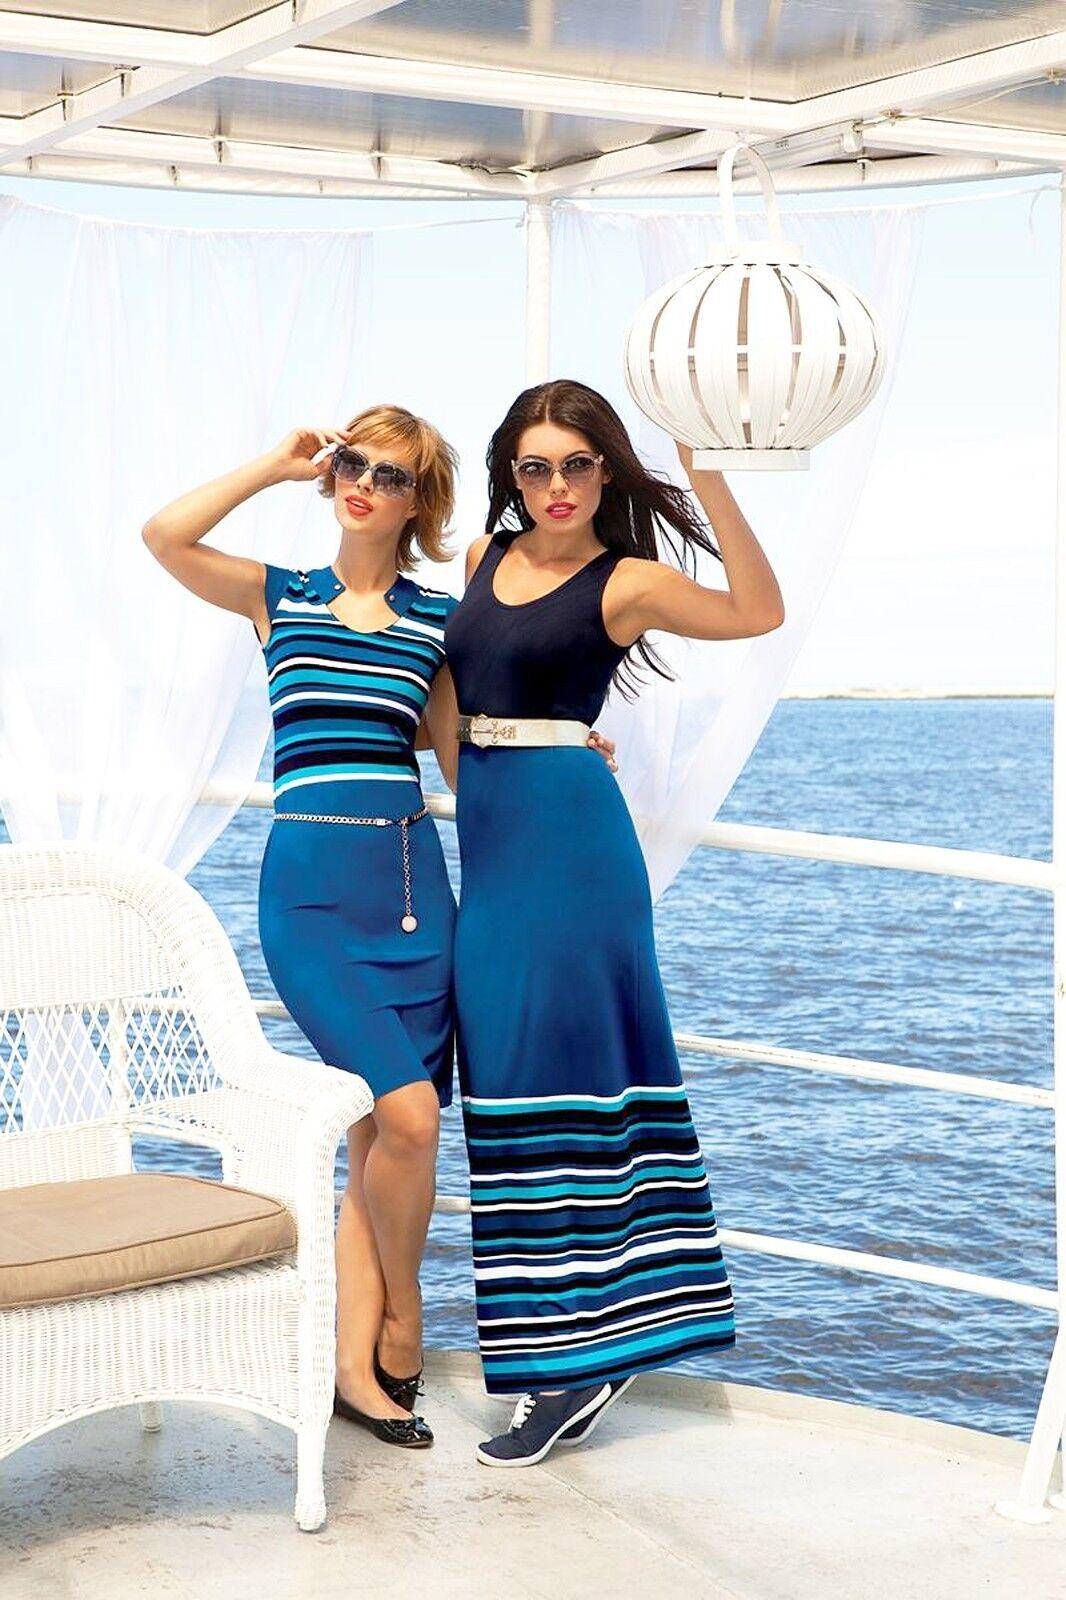 EUROPEAN LONG BELTED DRESS Summer PARTY Stretch Dress Maxi Sleeveless Dress